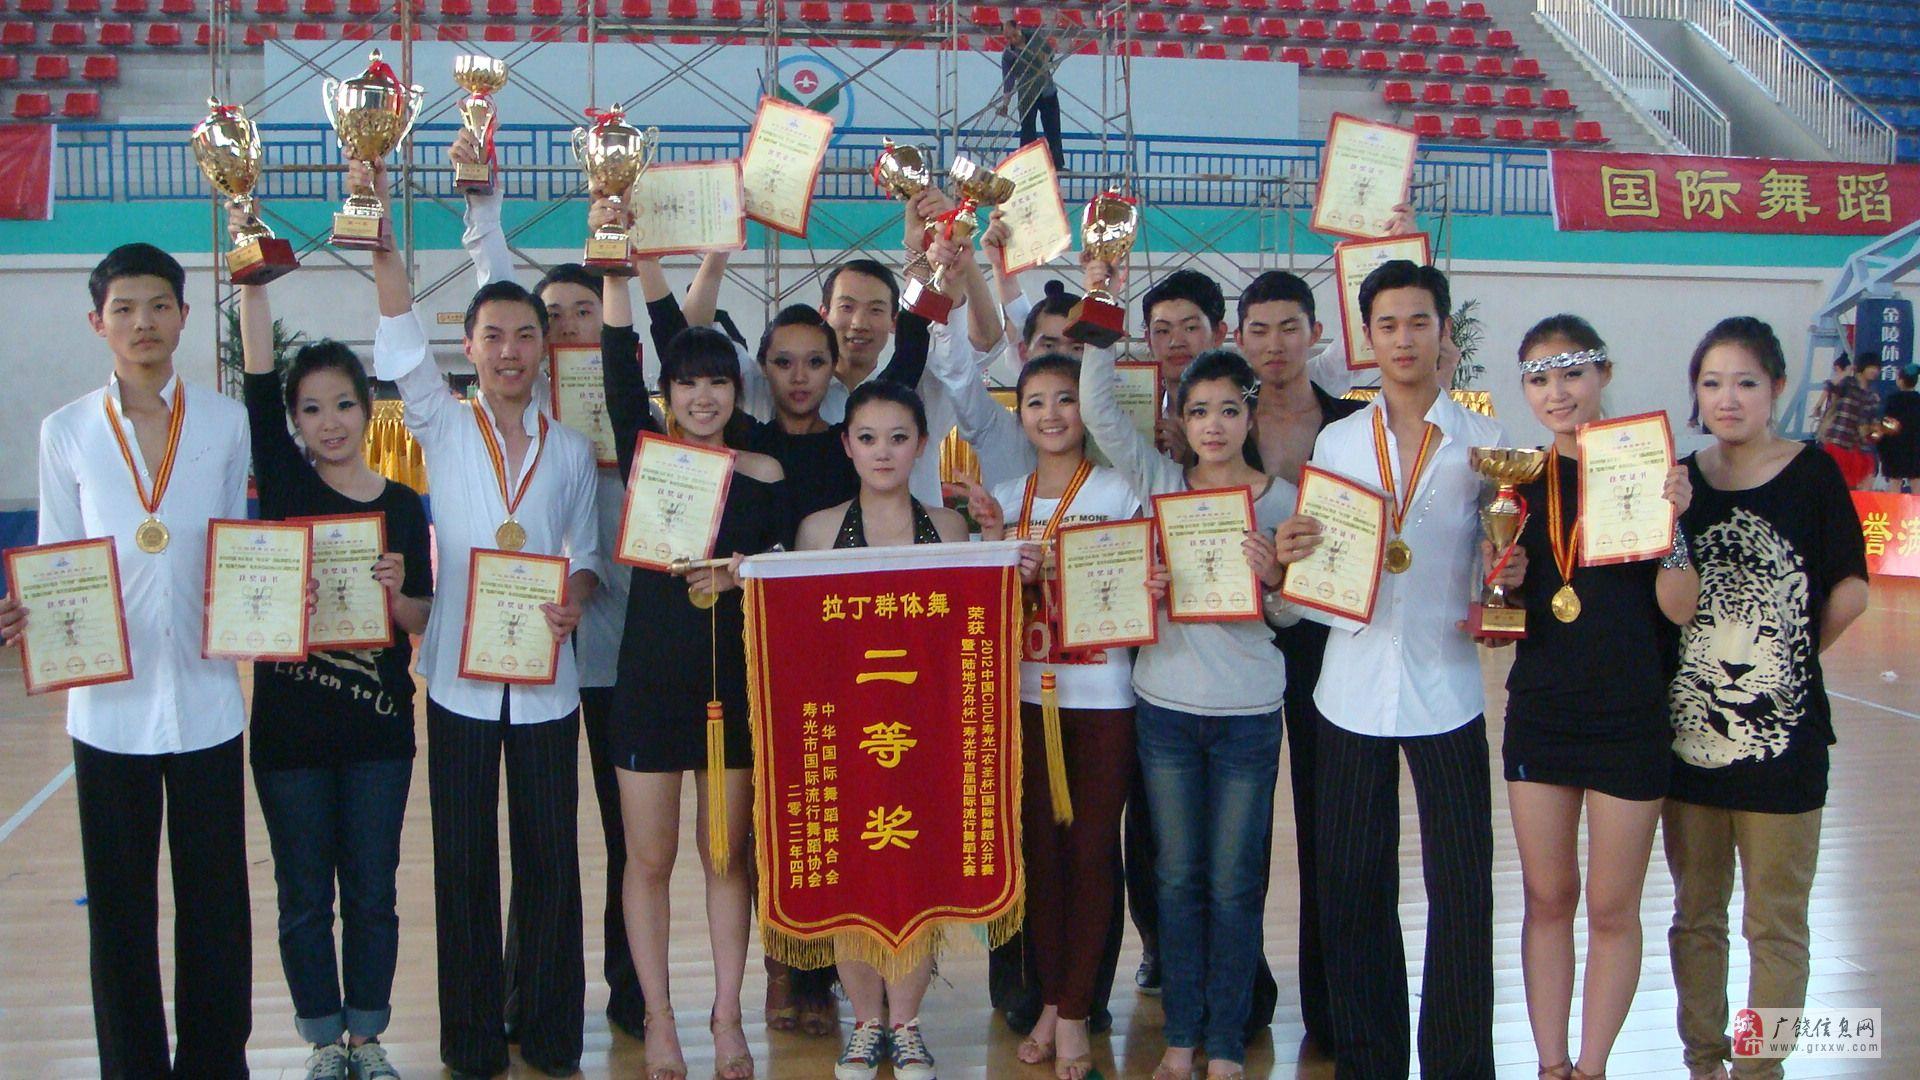 广饶云逸舞蹈学校体育舞蹈中考特长班开始招生